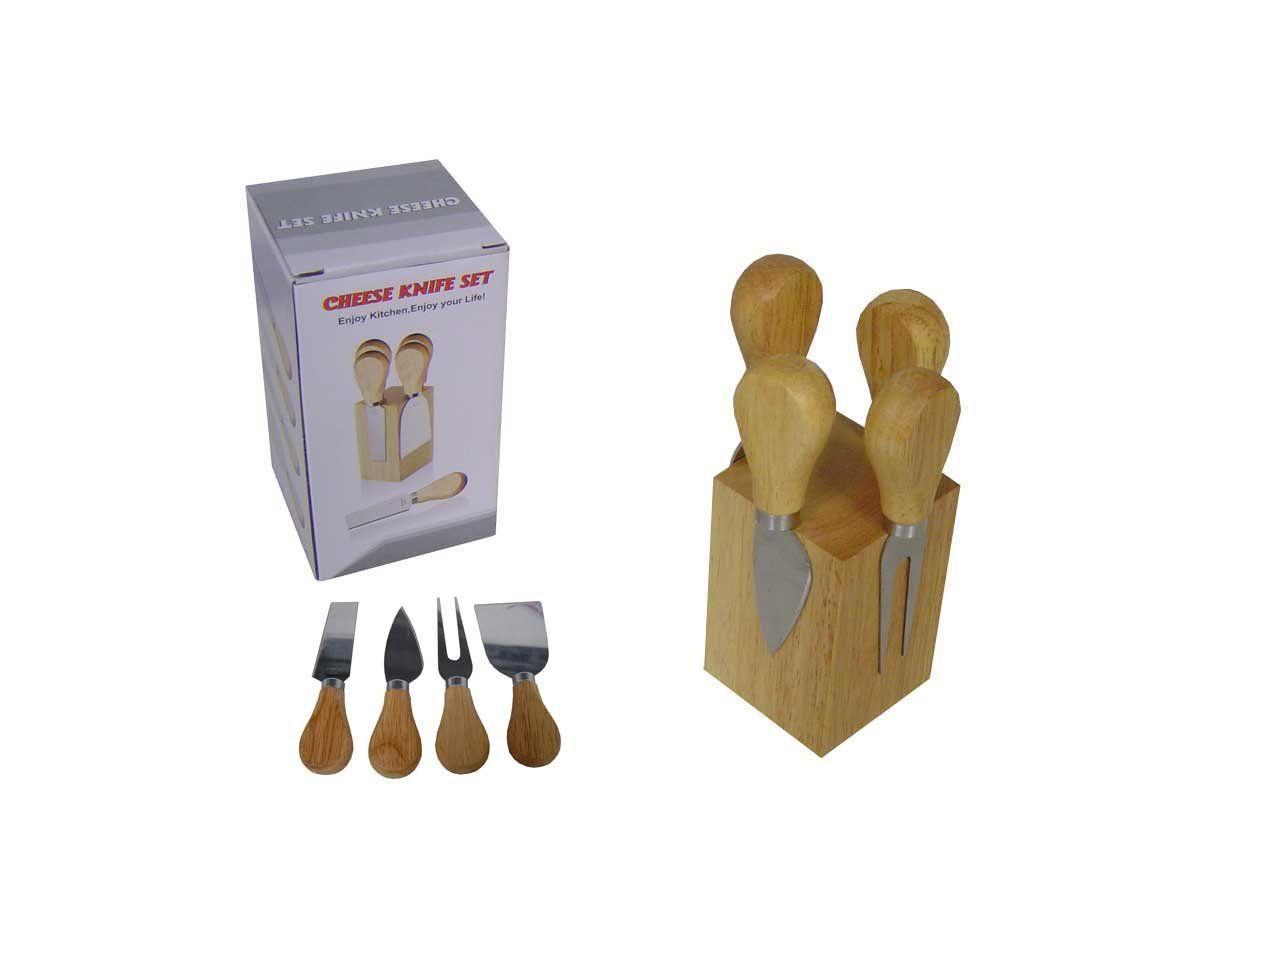 Kit 4 peças para queijo de aço inox e madeira com suporte Pontual - P143216